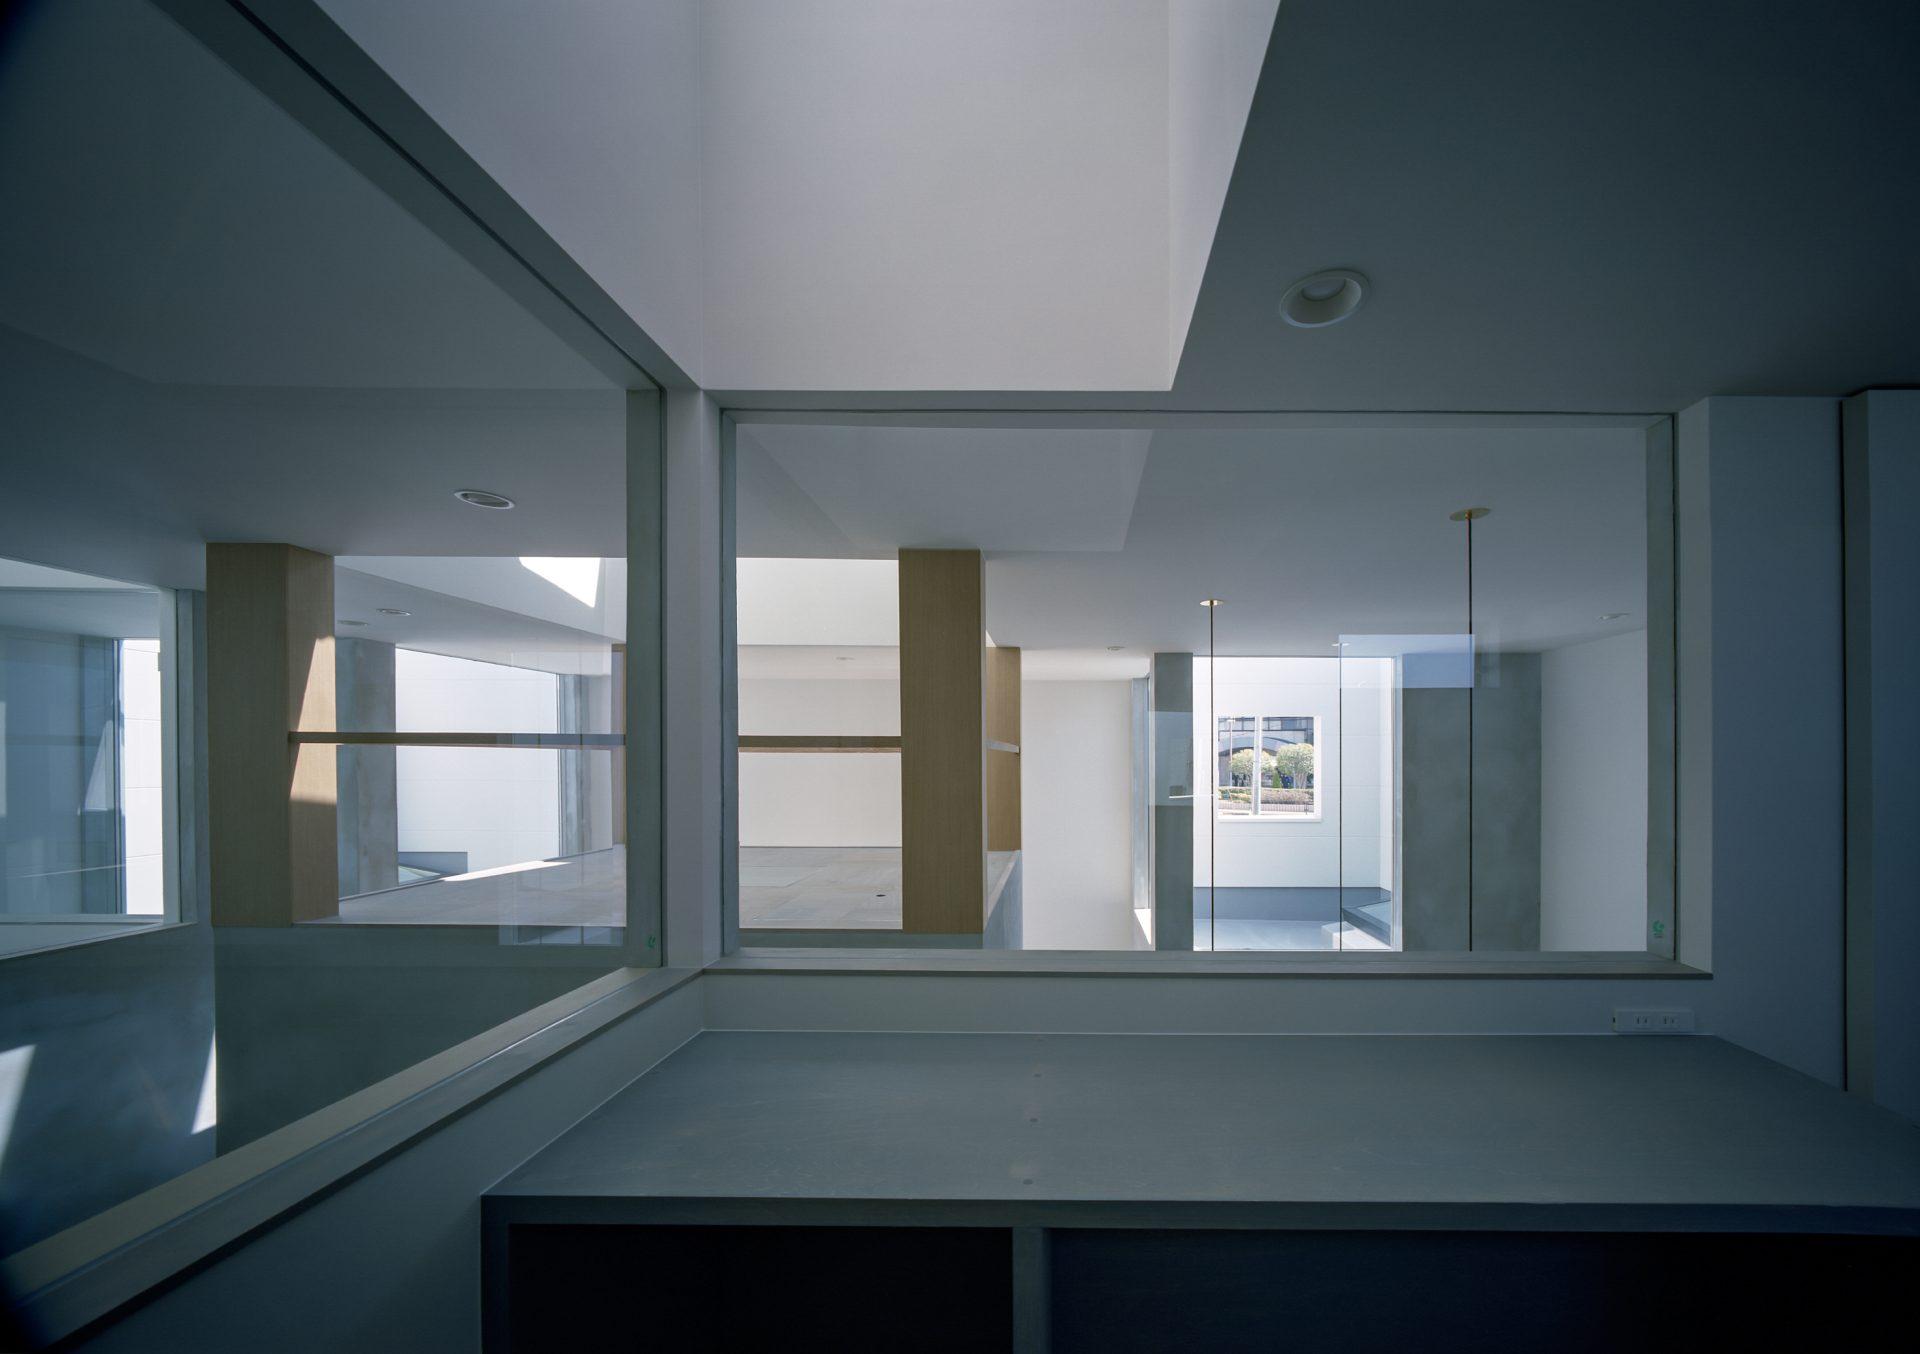 兵庫光のヴォイドのある家の洗面室02